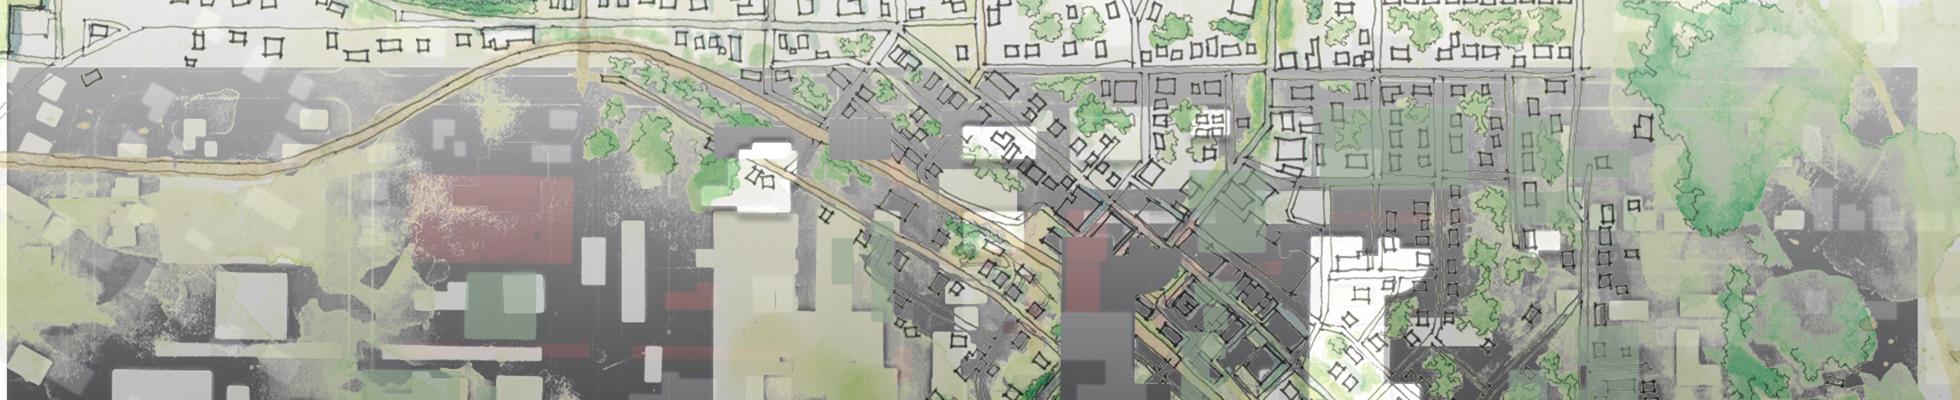 City building and landscape design plans.